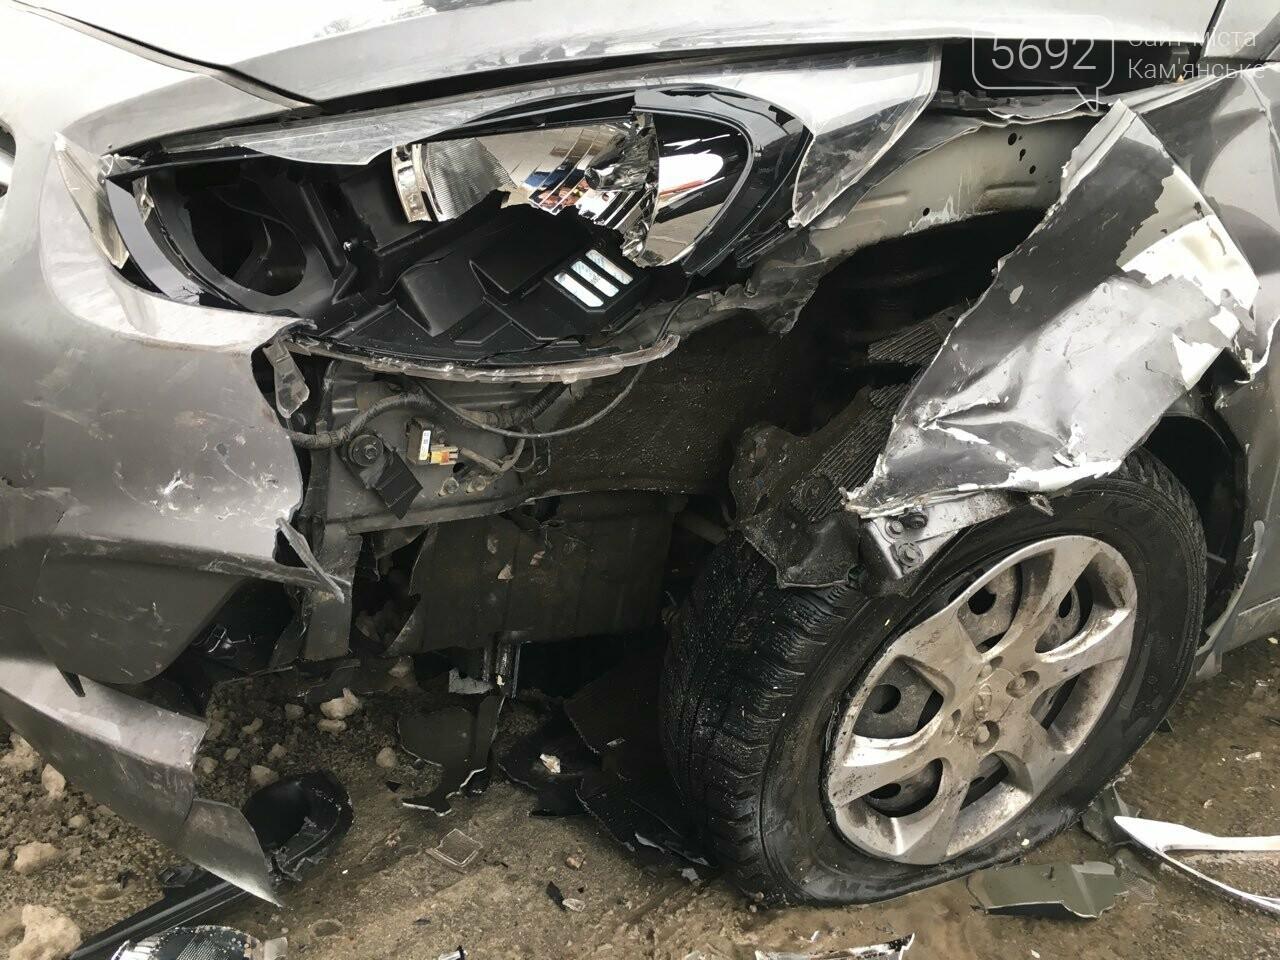 Очередное ДТП на аварийном перекрестке в Каменском, фото-2